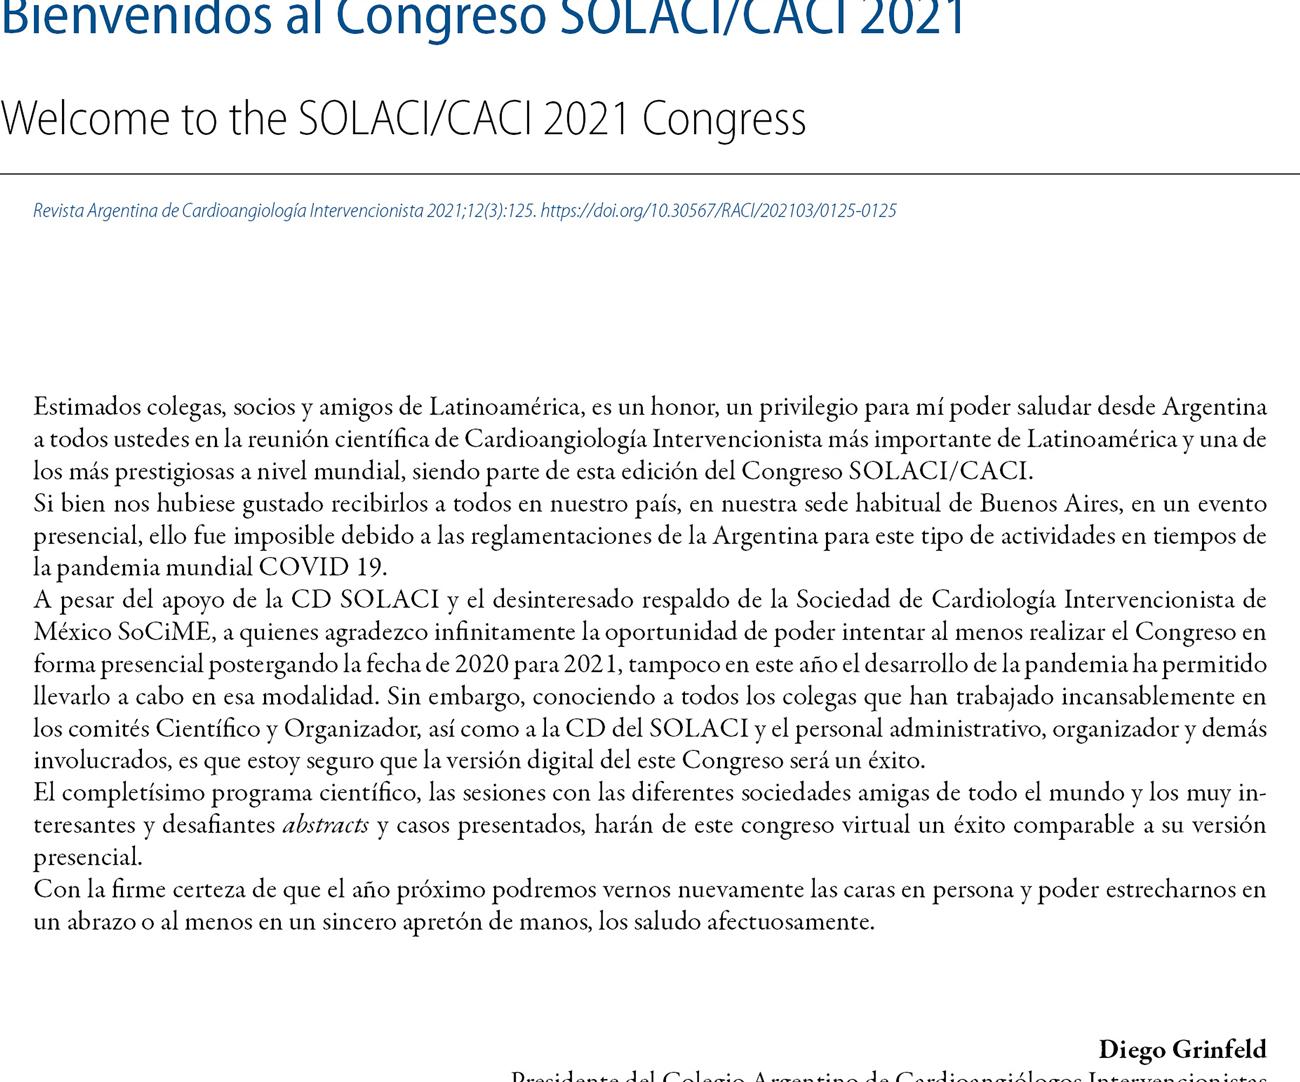 Bienvenidos al Congreso SOLACI/CACI 2021